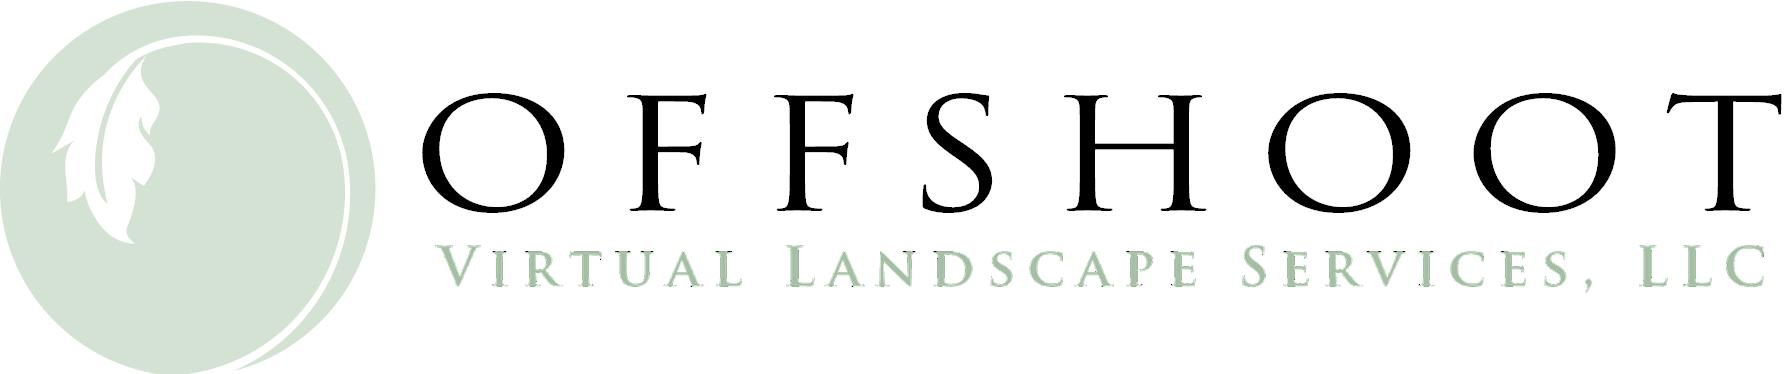 OFFSHOOT Virtual Landscape Services